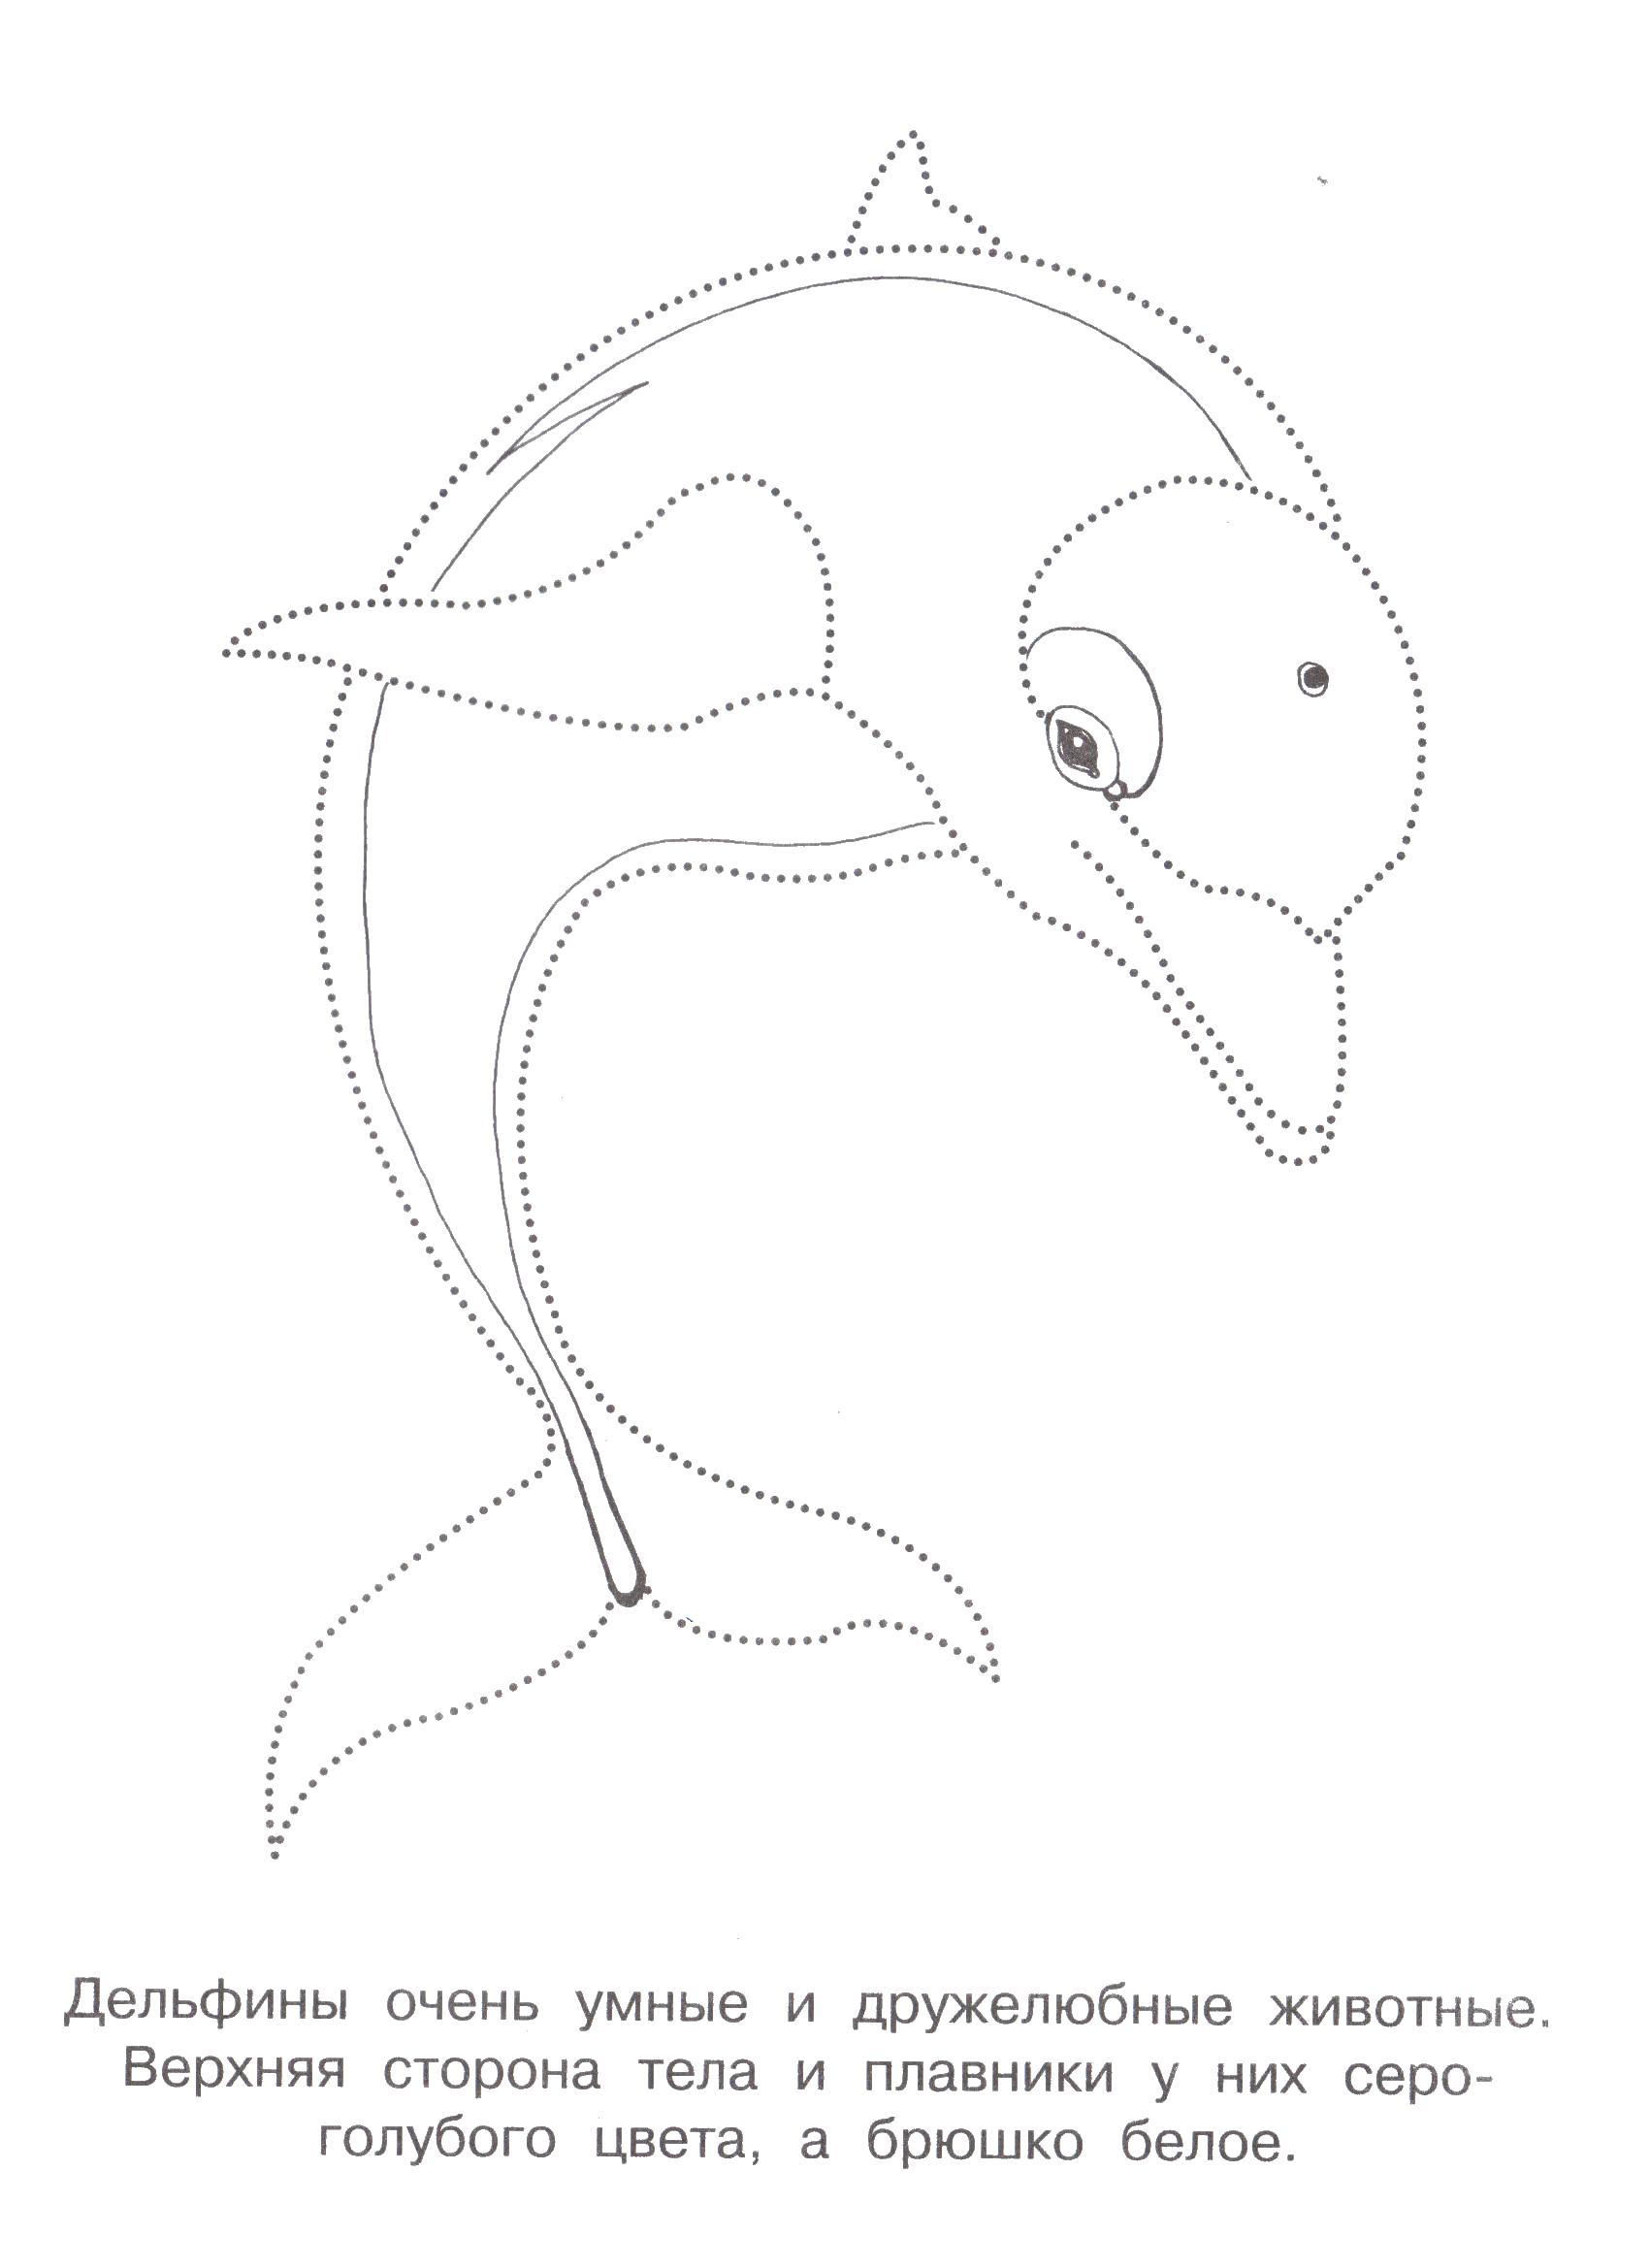 Соедини точки чтоб получился дельфин